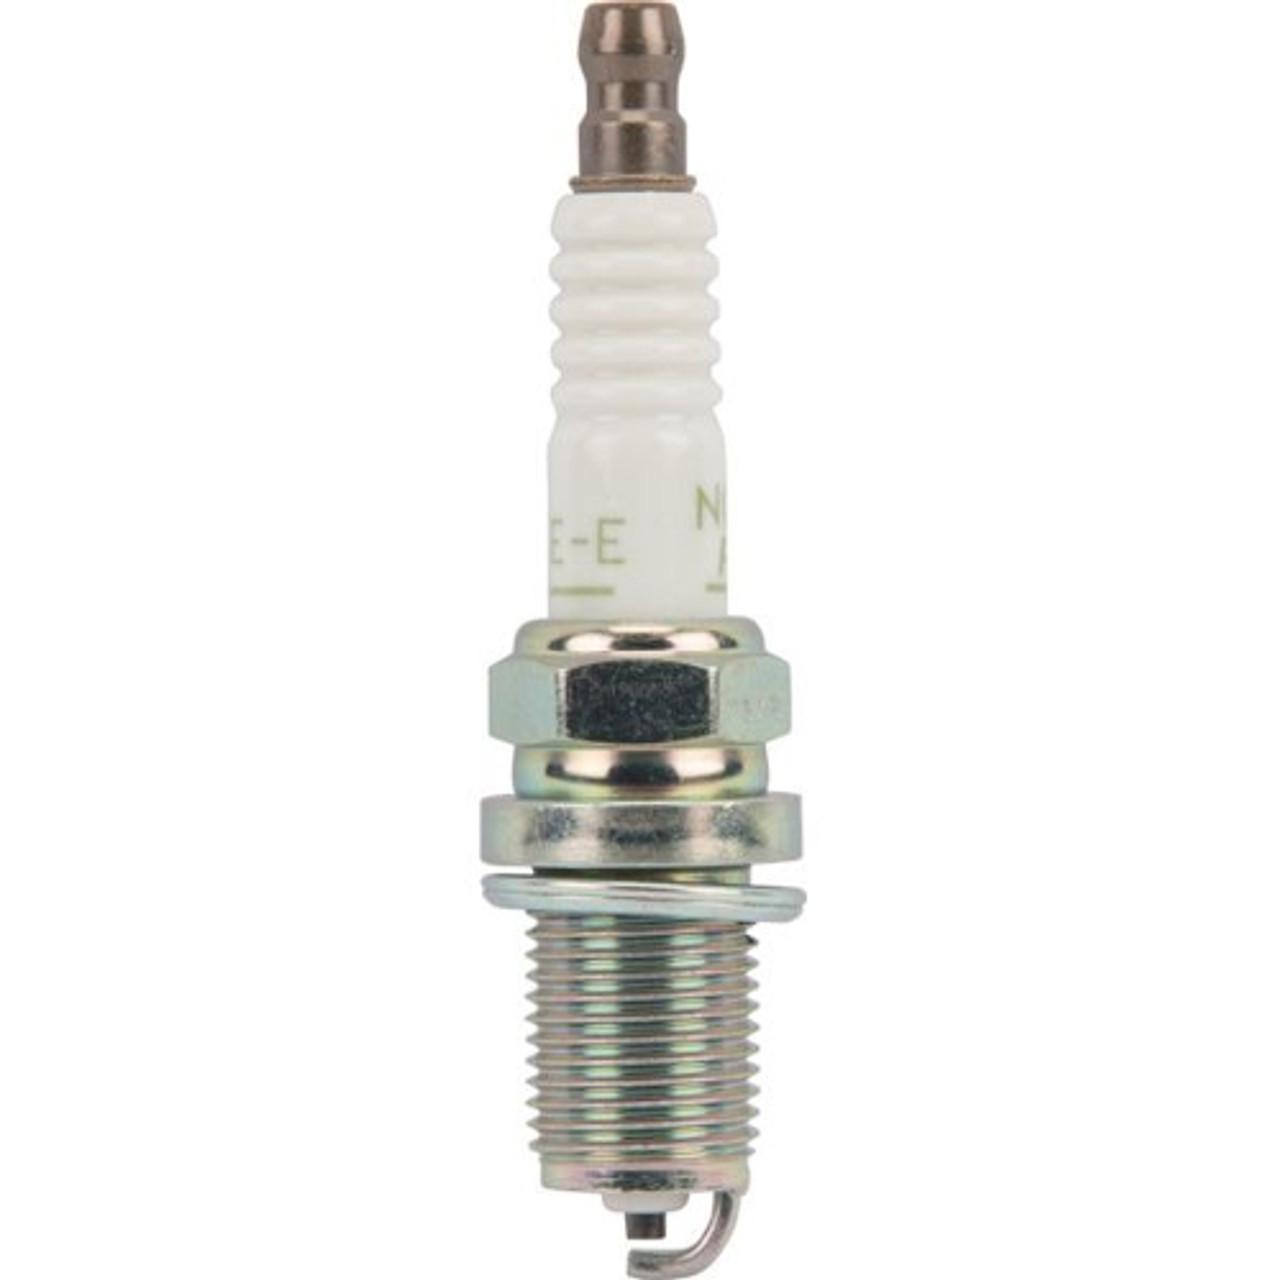 31916-ZVD-003 Honda Marine BKR6E-E Spark Plug